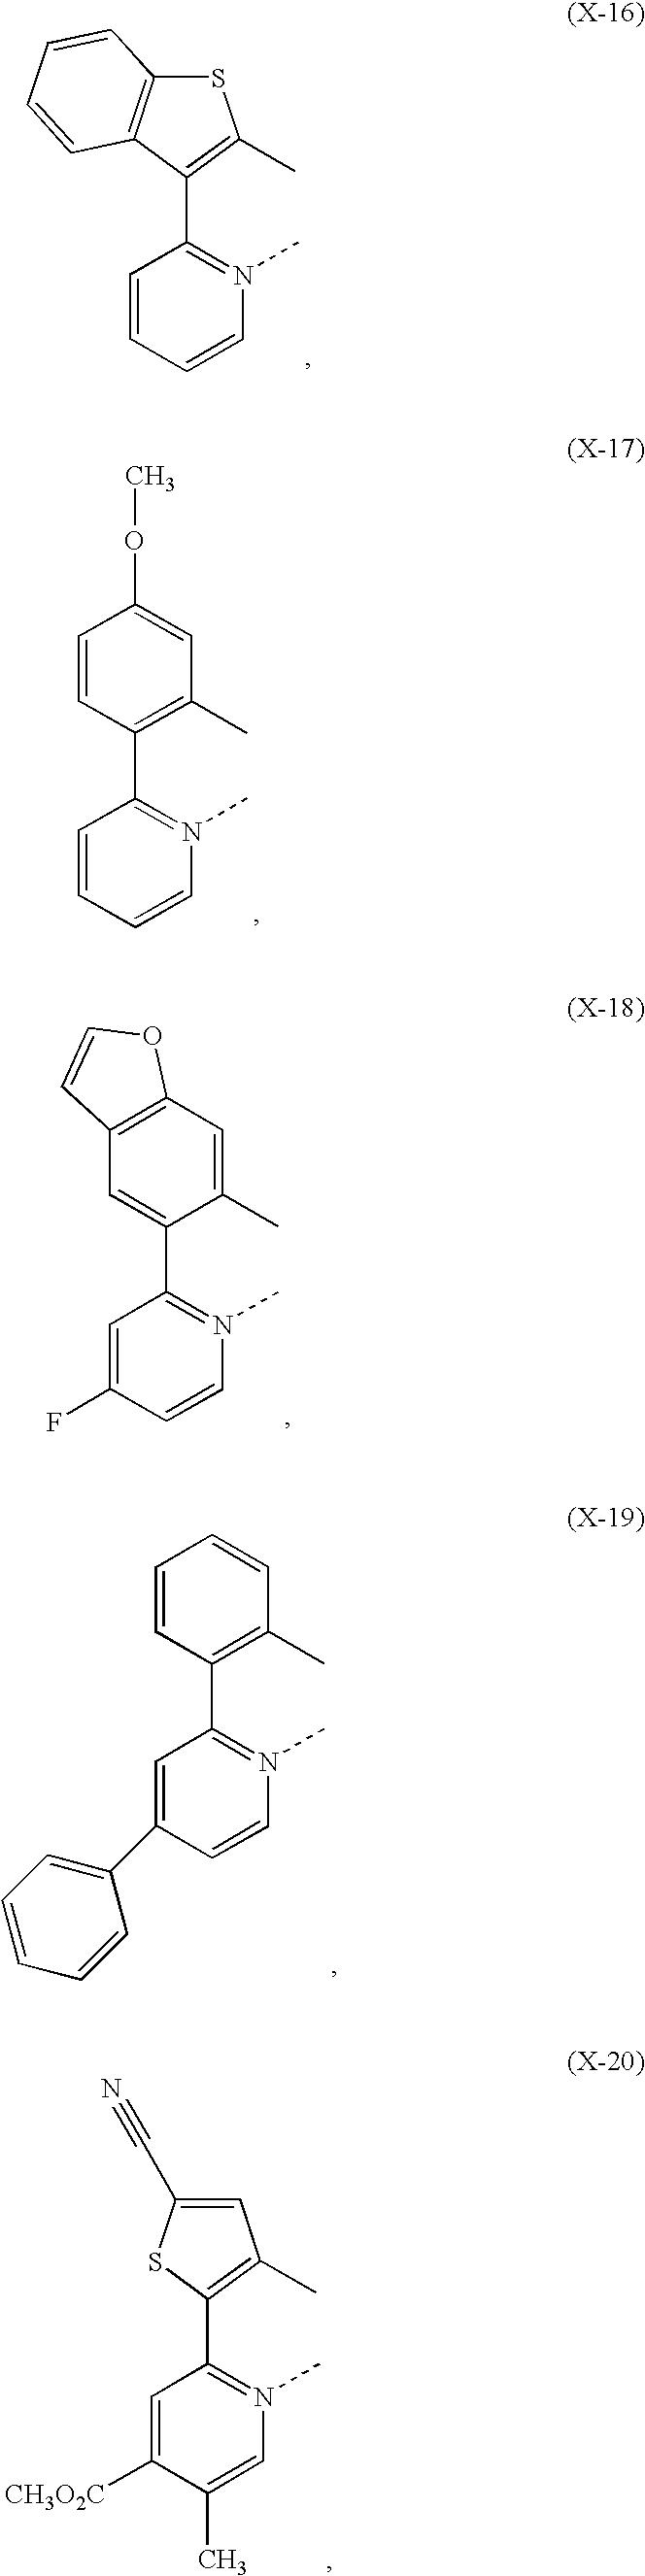 Figure US09362510-20160607-C00041